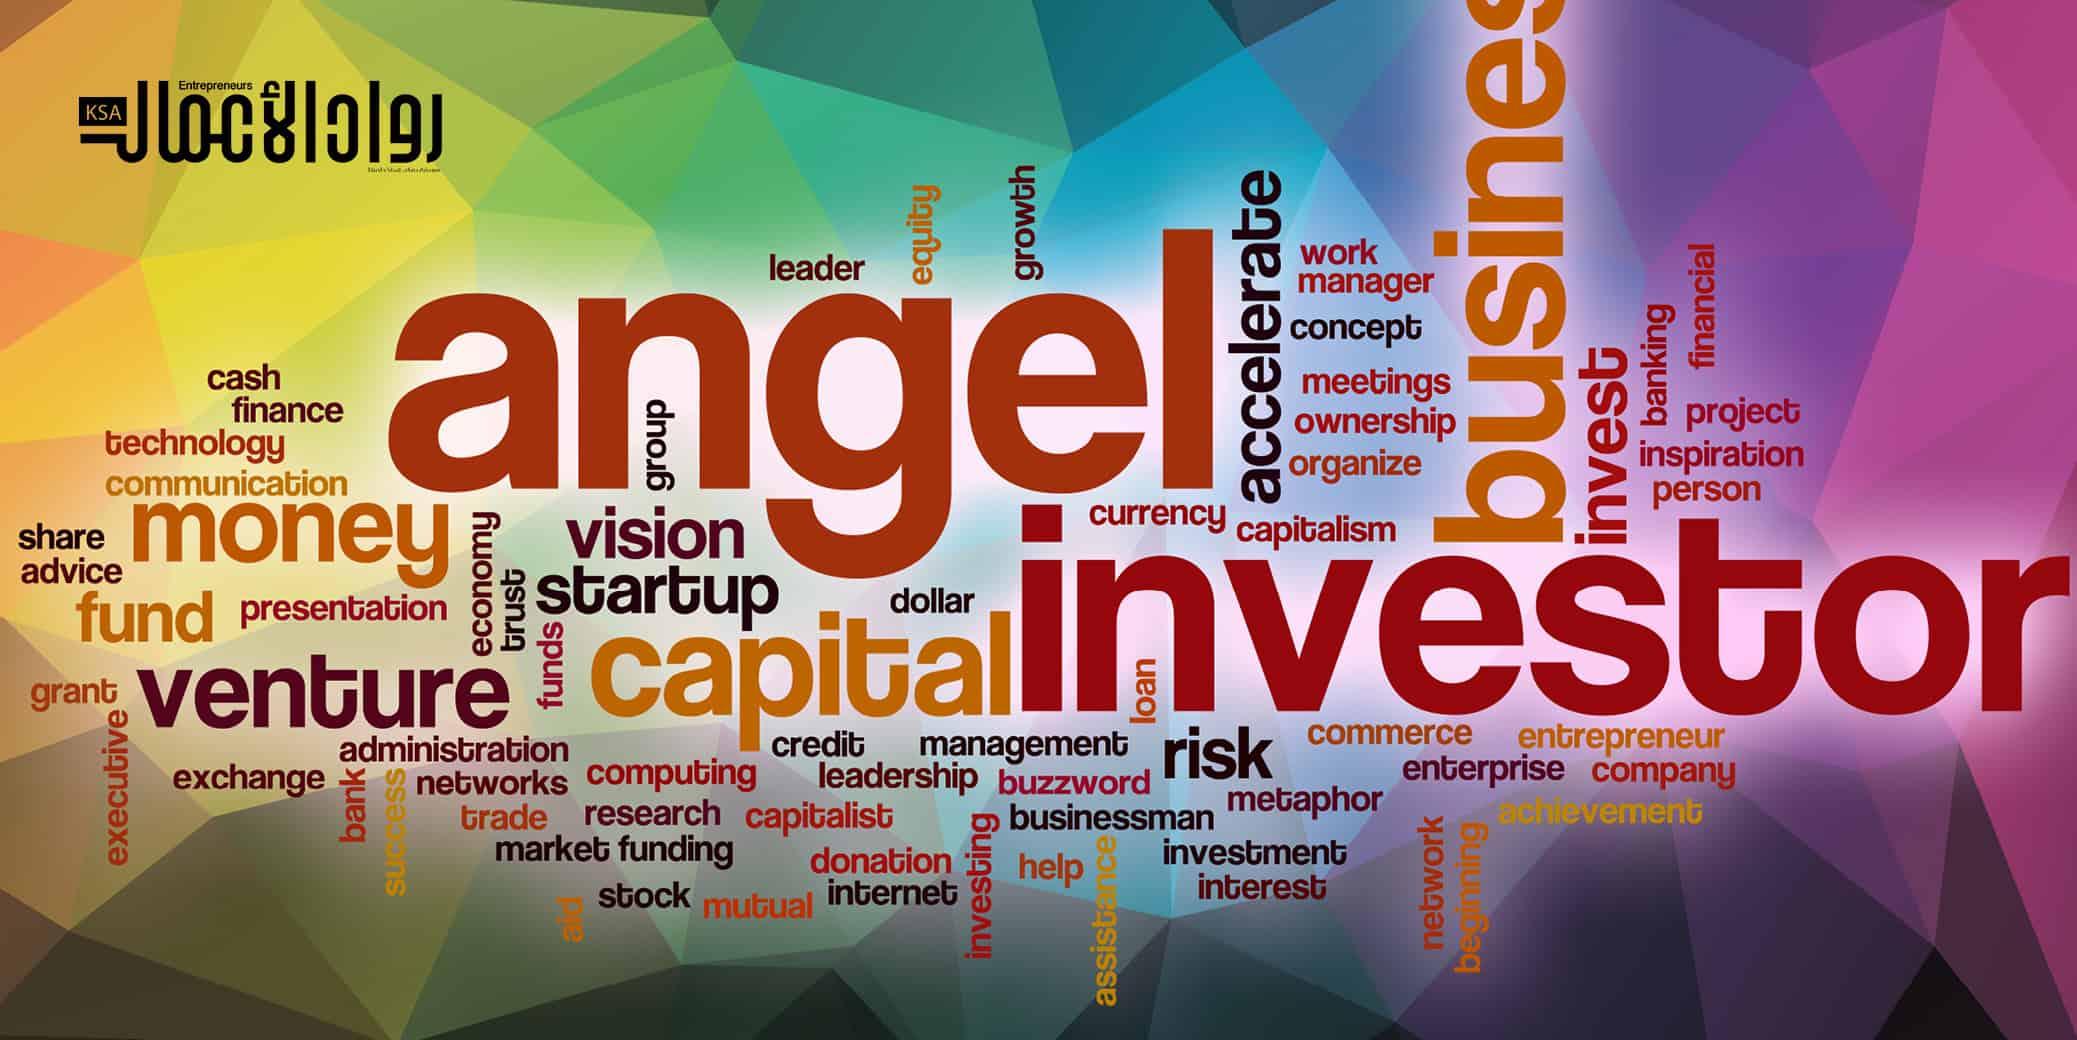 مخاطر الاستثمار الملائكي